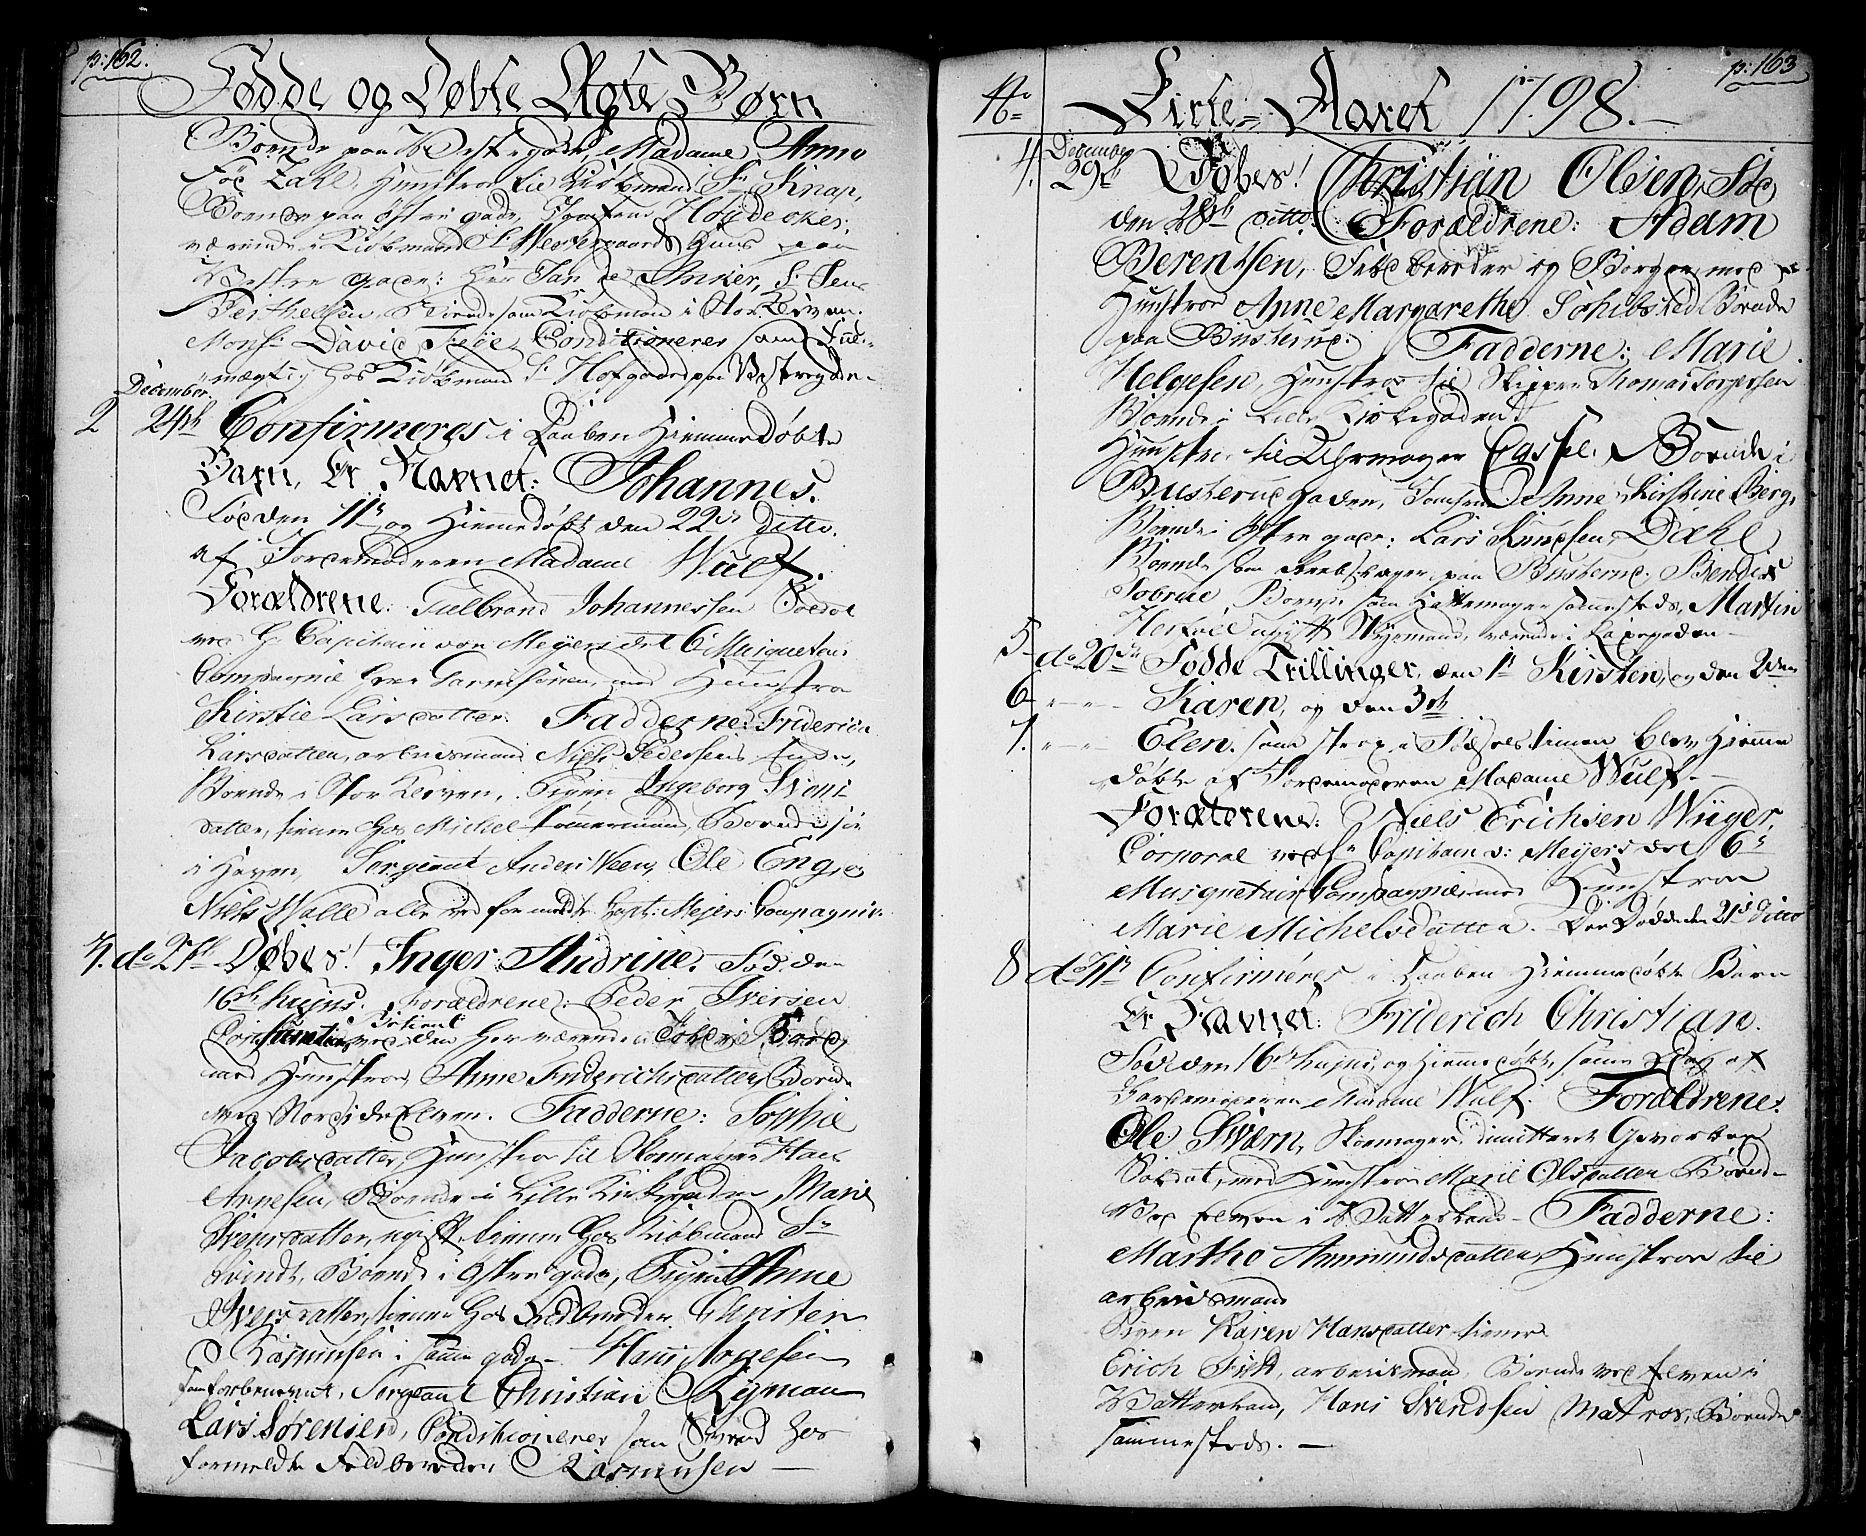 SAO, Halden prestekontor Kirkebøker, F/Fa/L0002: Ministerialbok nr. I 2, 1792-1812, s. 162-163